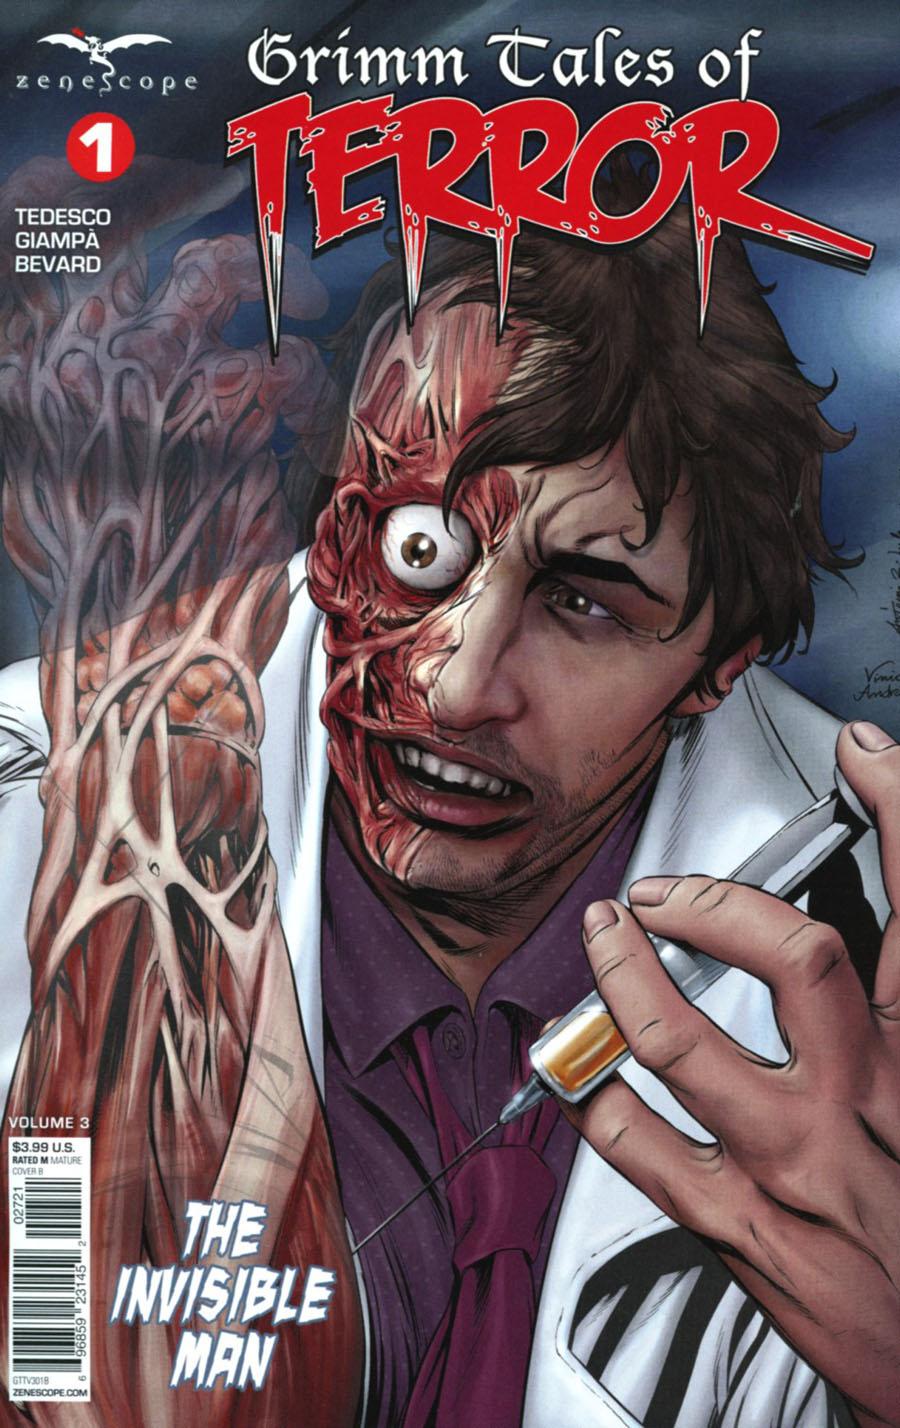 Grimm Fairy Tales Presents Grimm Tales Of Terror Vol 3 #1 Cover B Antonio Bifulco